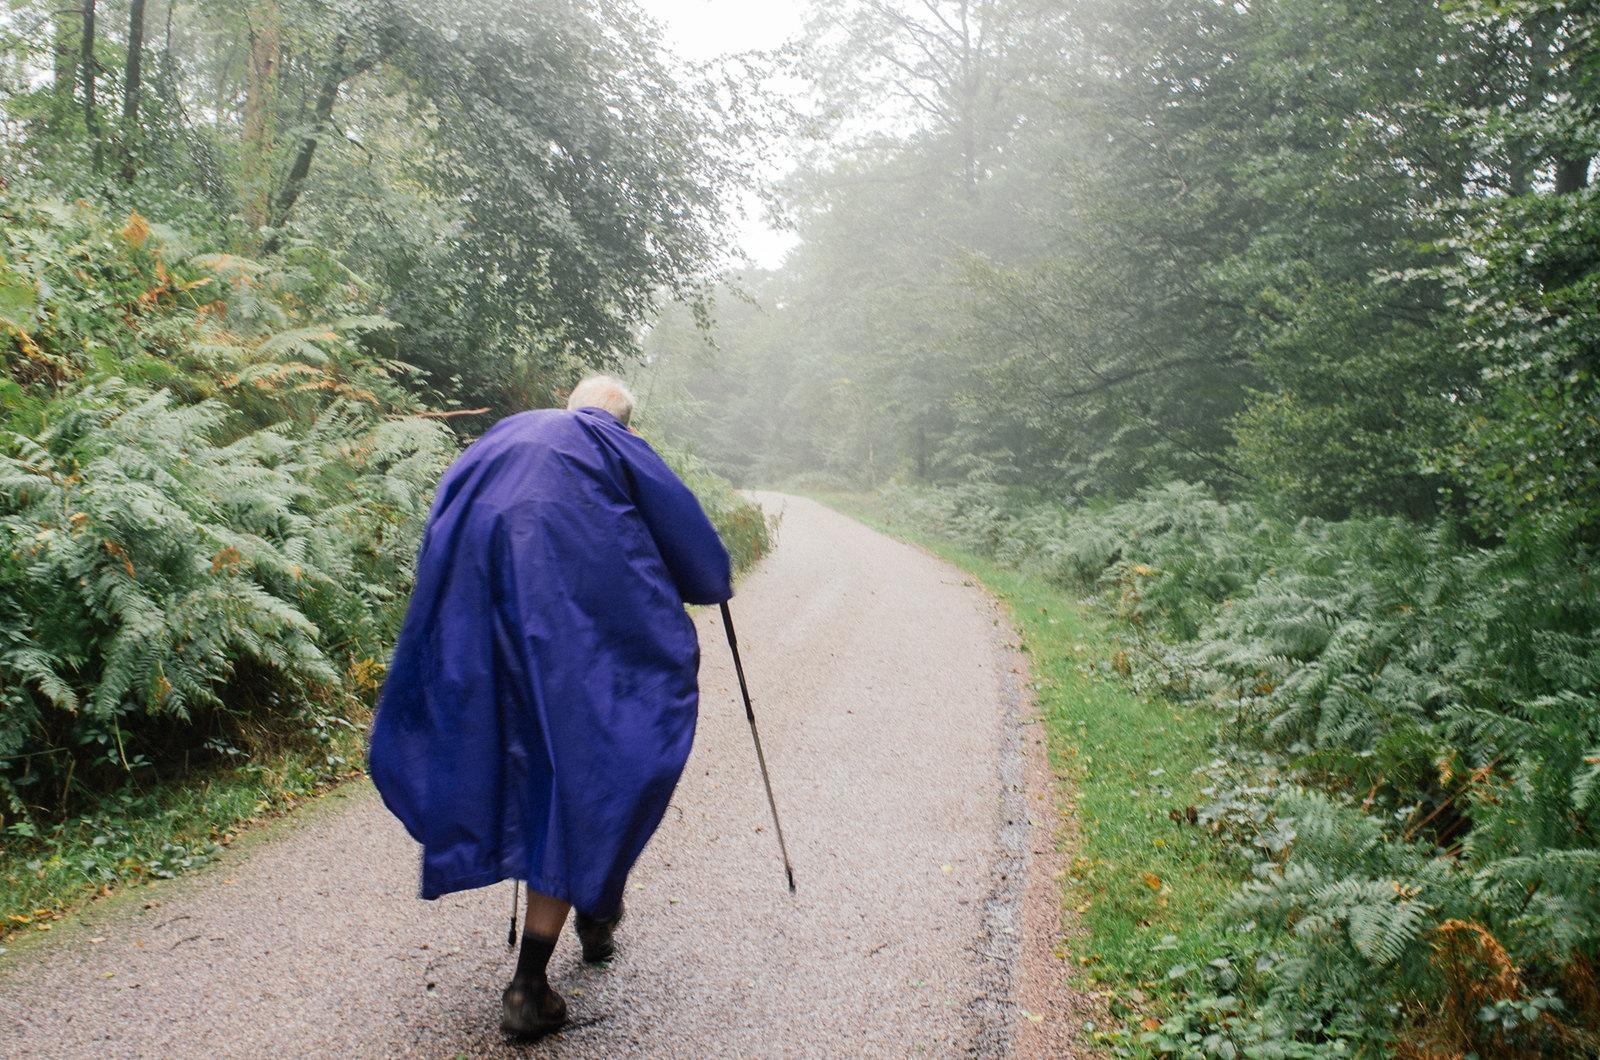 Grande traversée du Morvan - Un randonneur pugnace